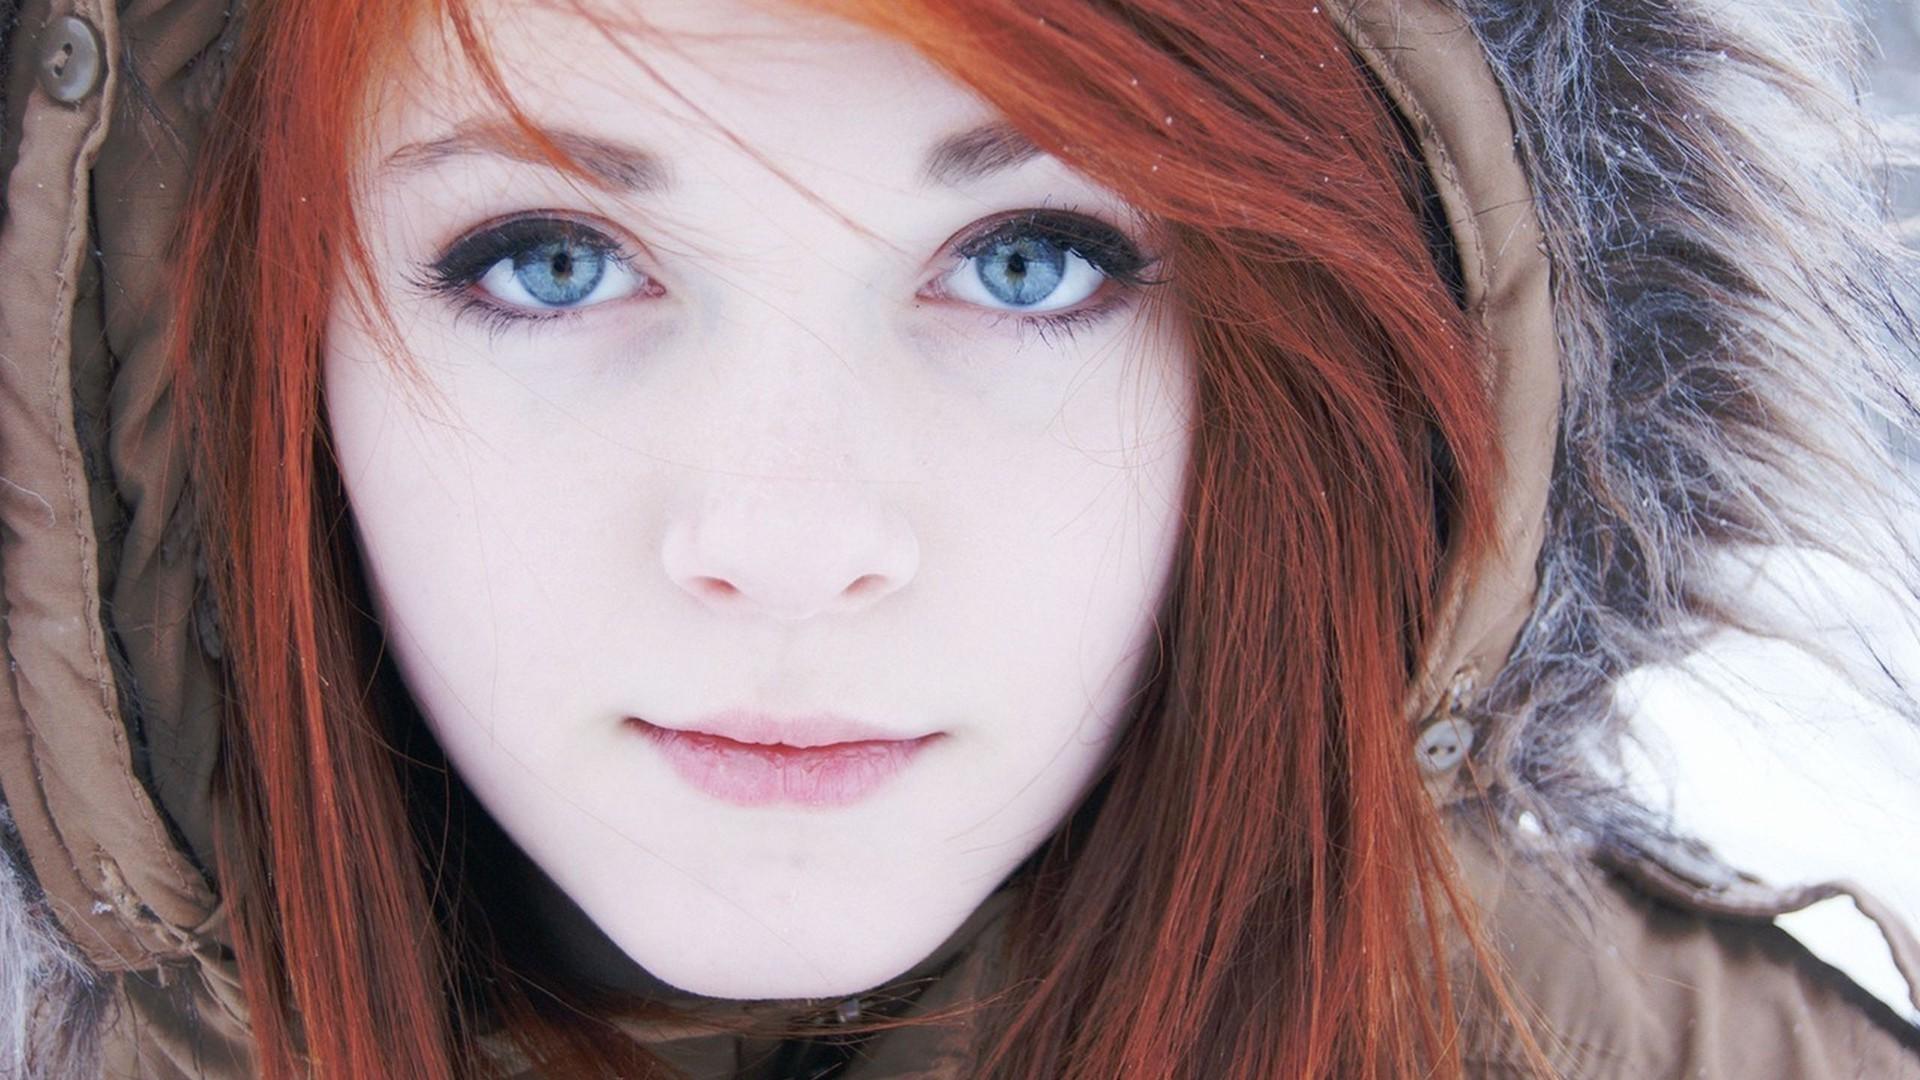 cerca escolta cabello rojo